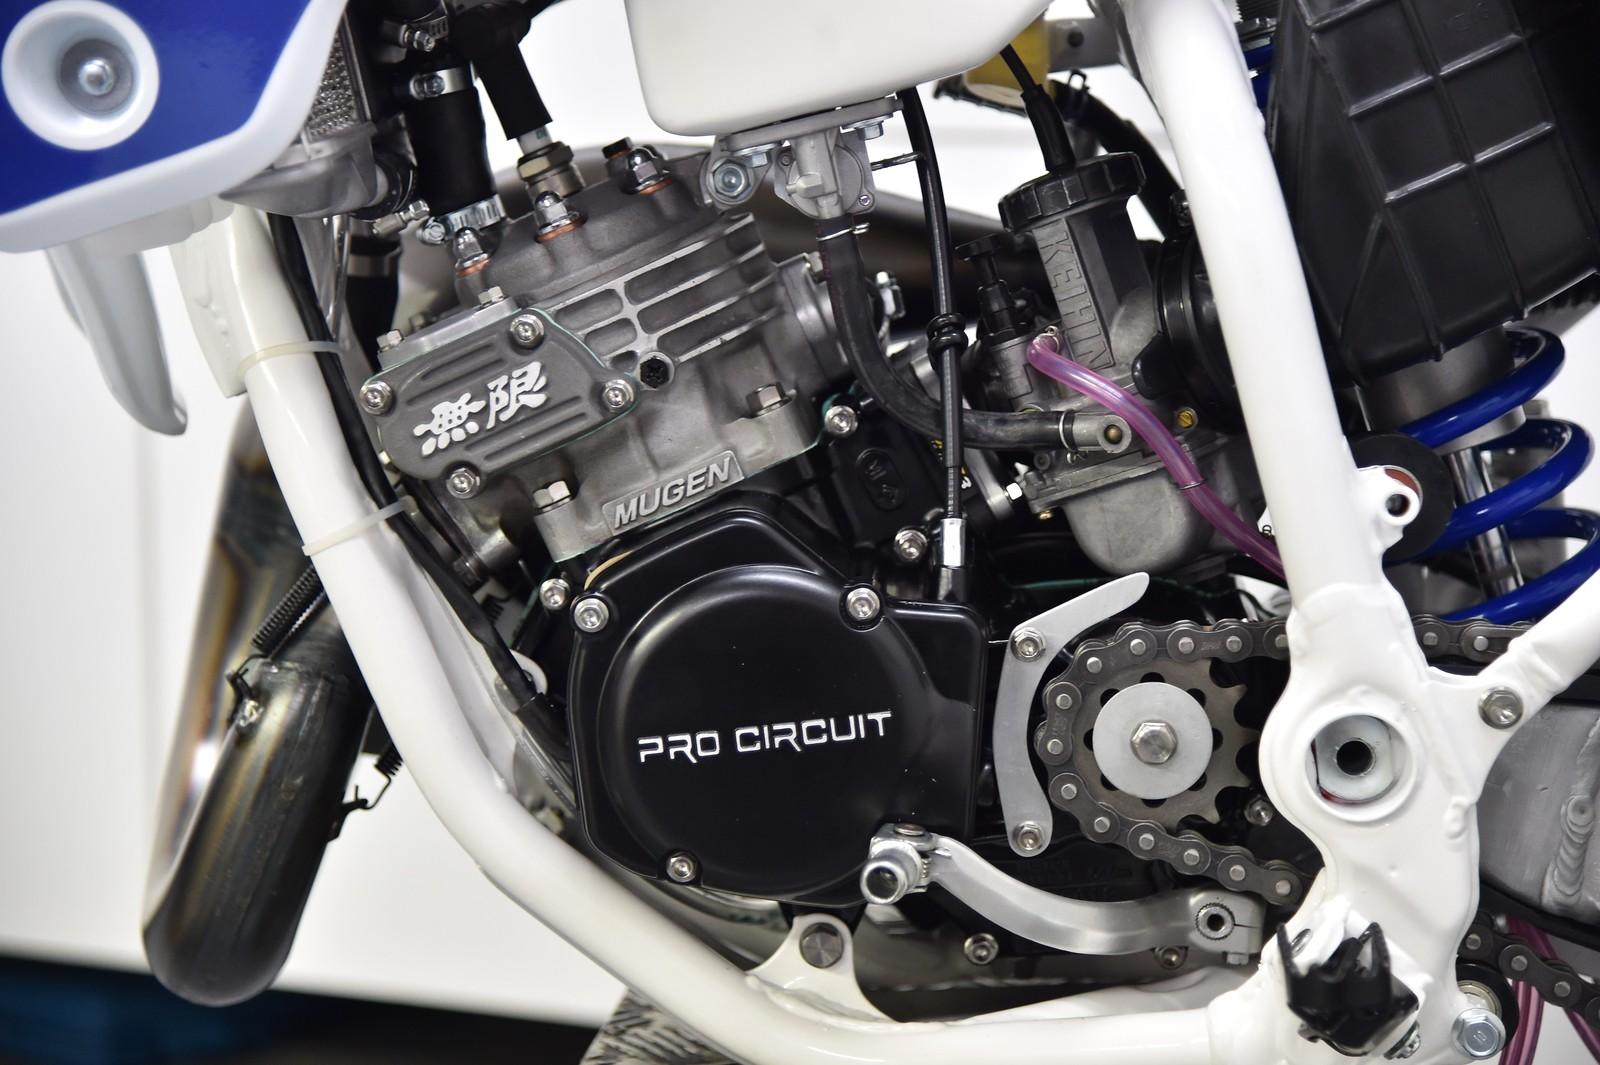 #22 1992 Peak Pro Circuit CR125